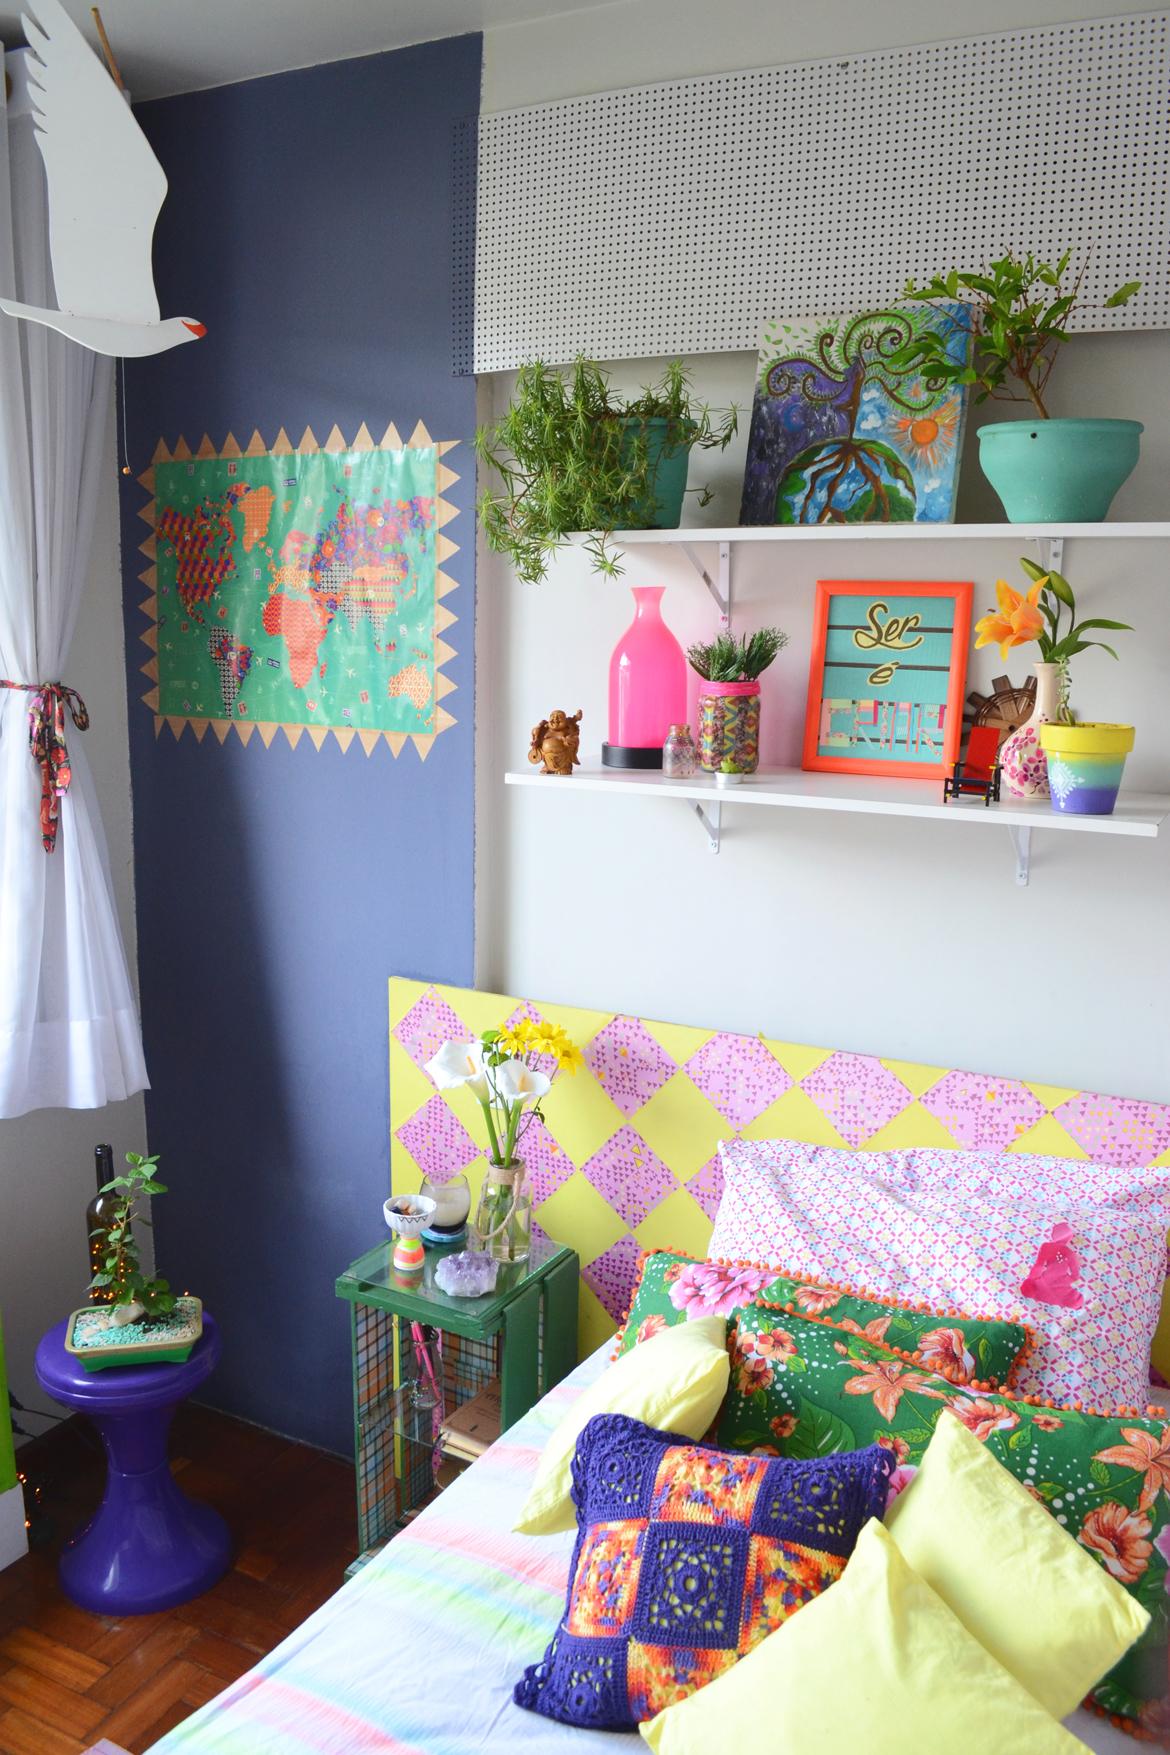 casa-dos-sonhos-quarto-colorido